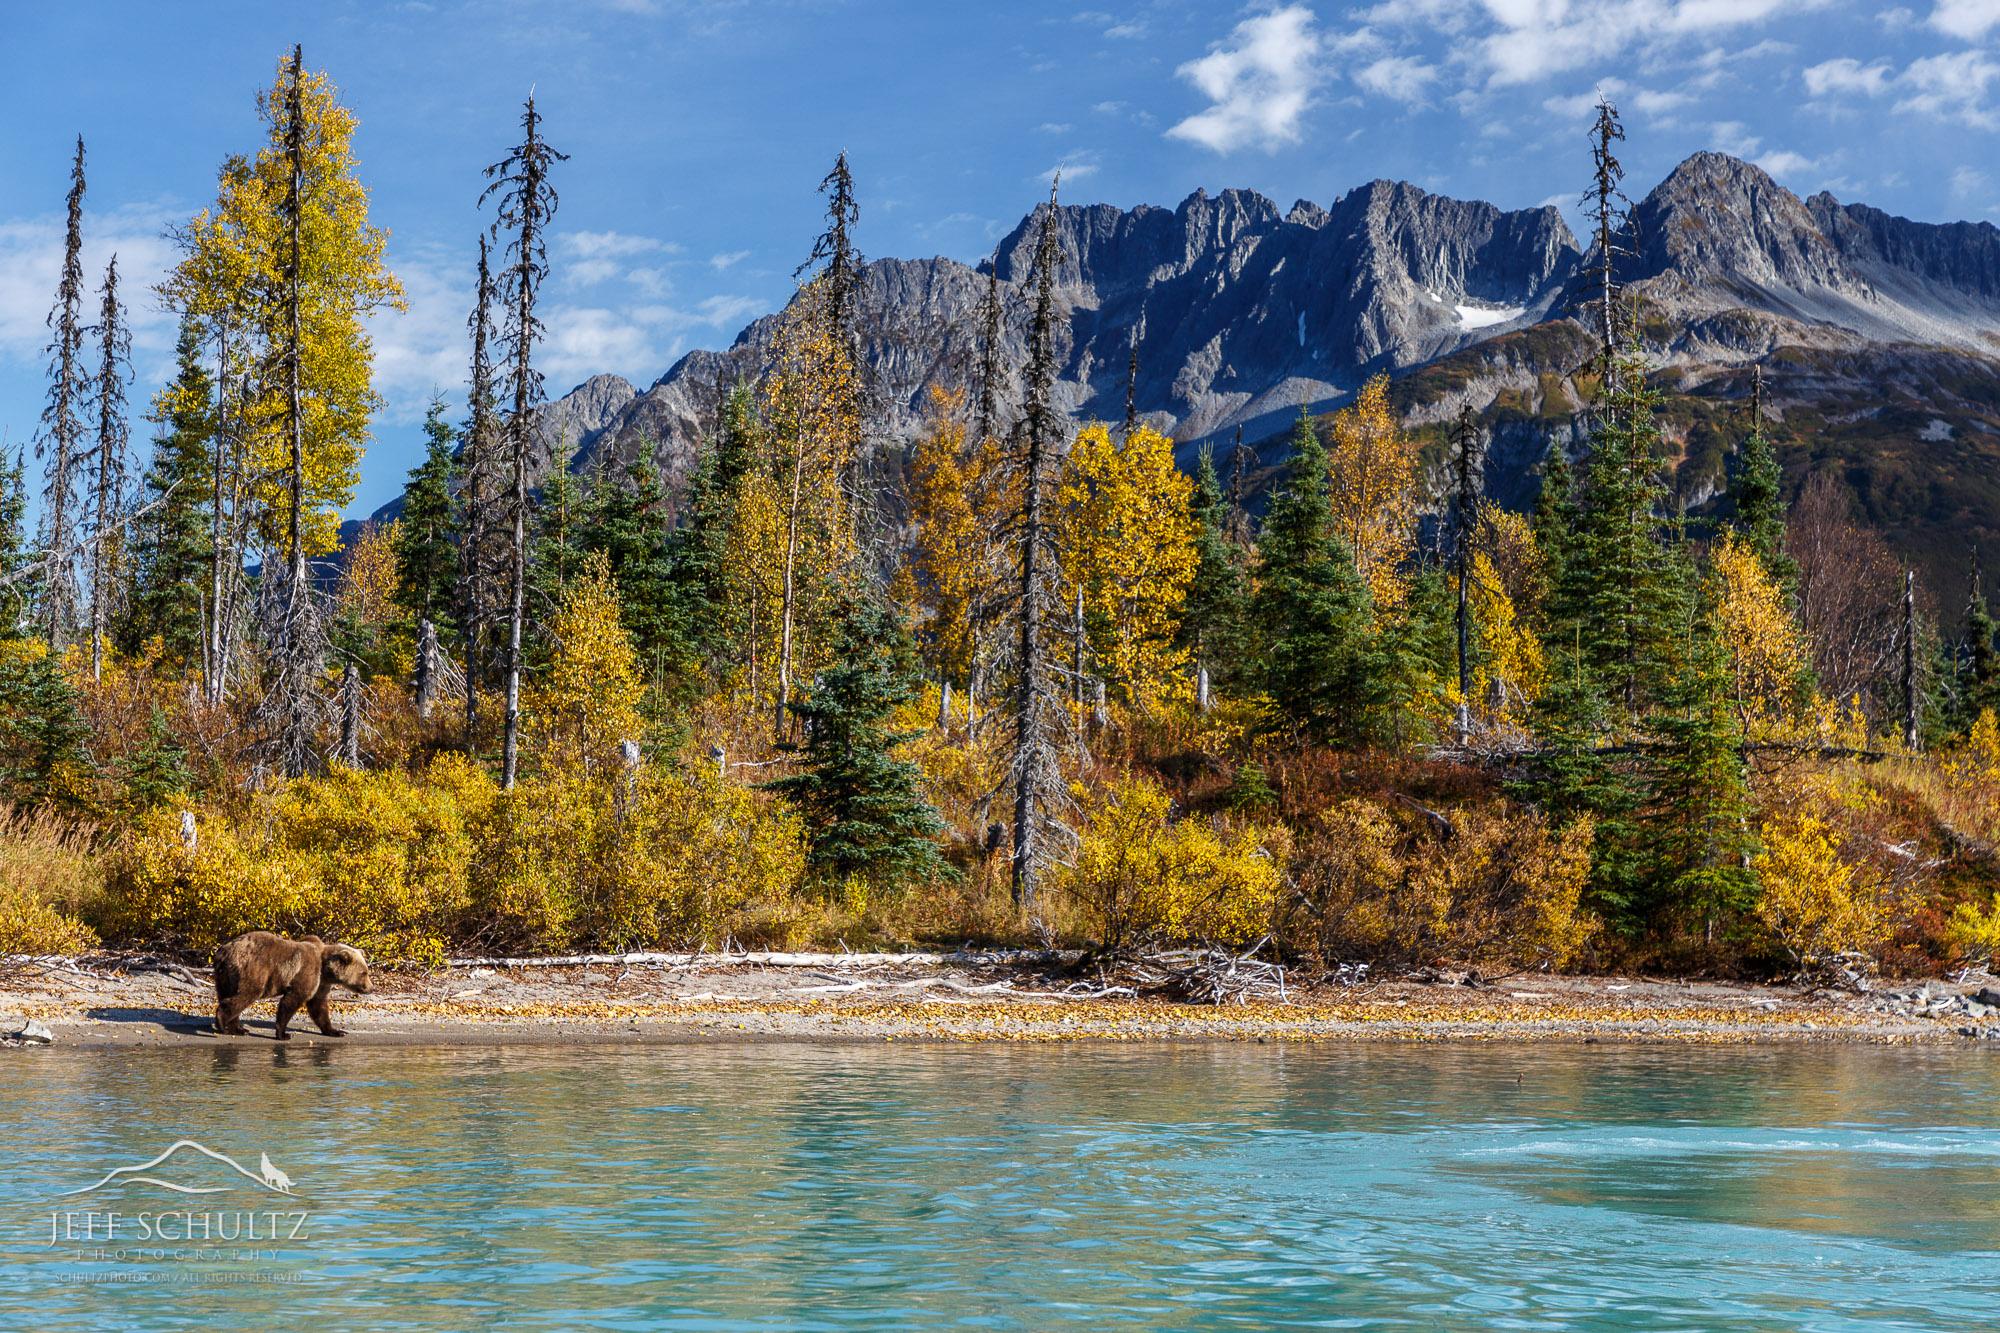 2020 Alaska Brown Bears Moose And Glacier Photography